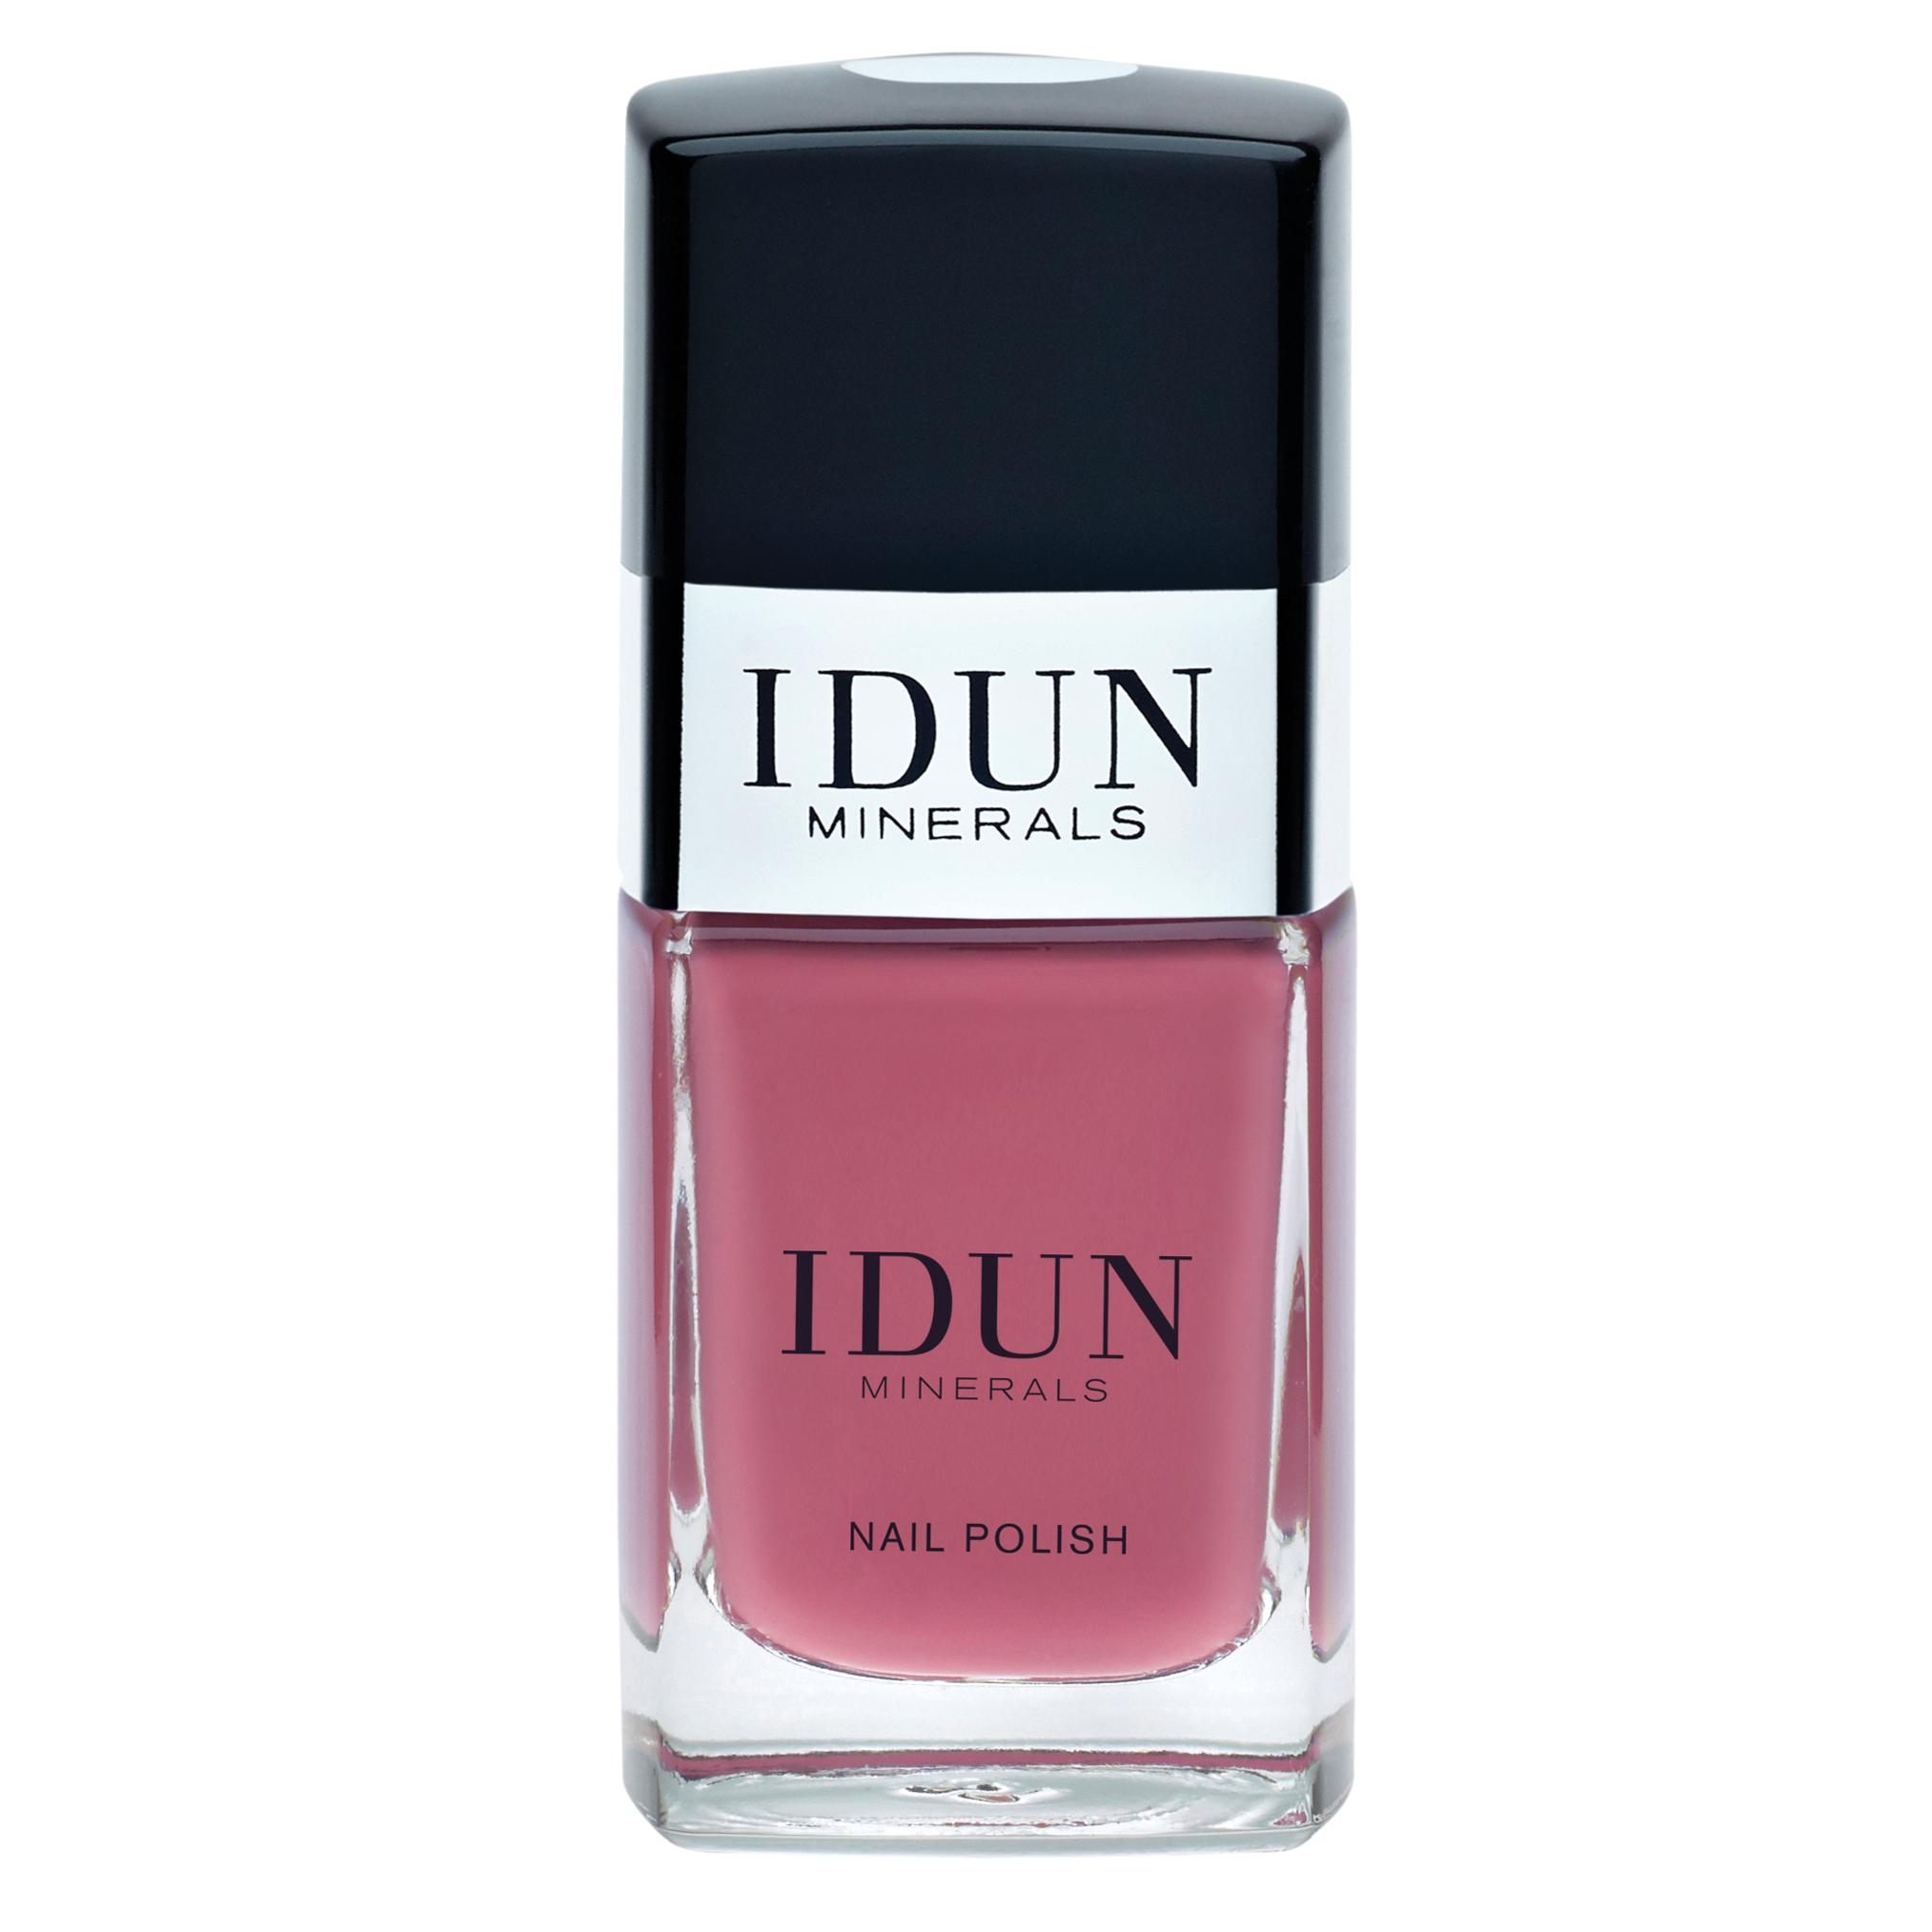 IDUN Minerals Nailpolish, rodonit